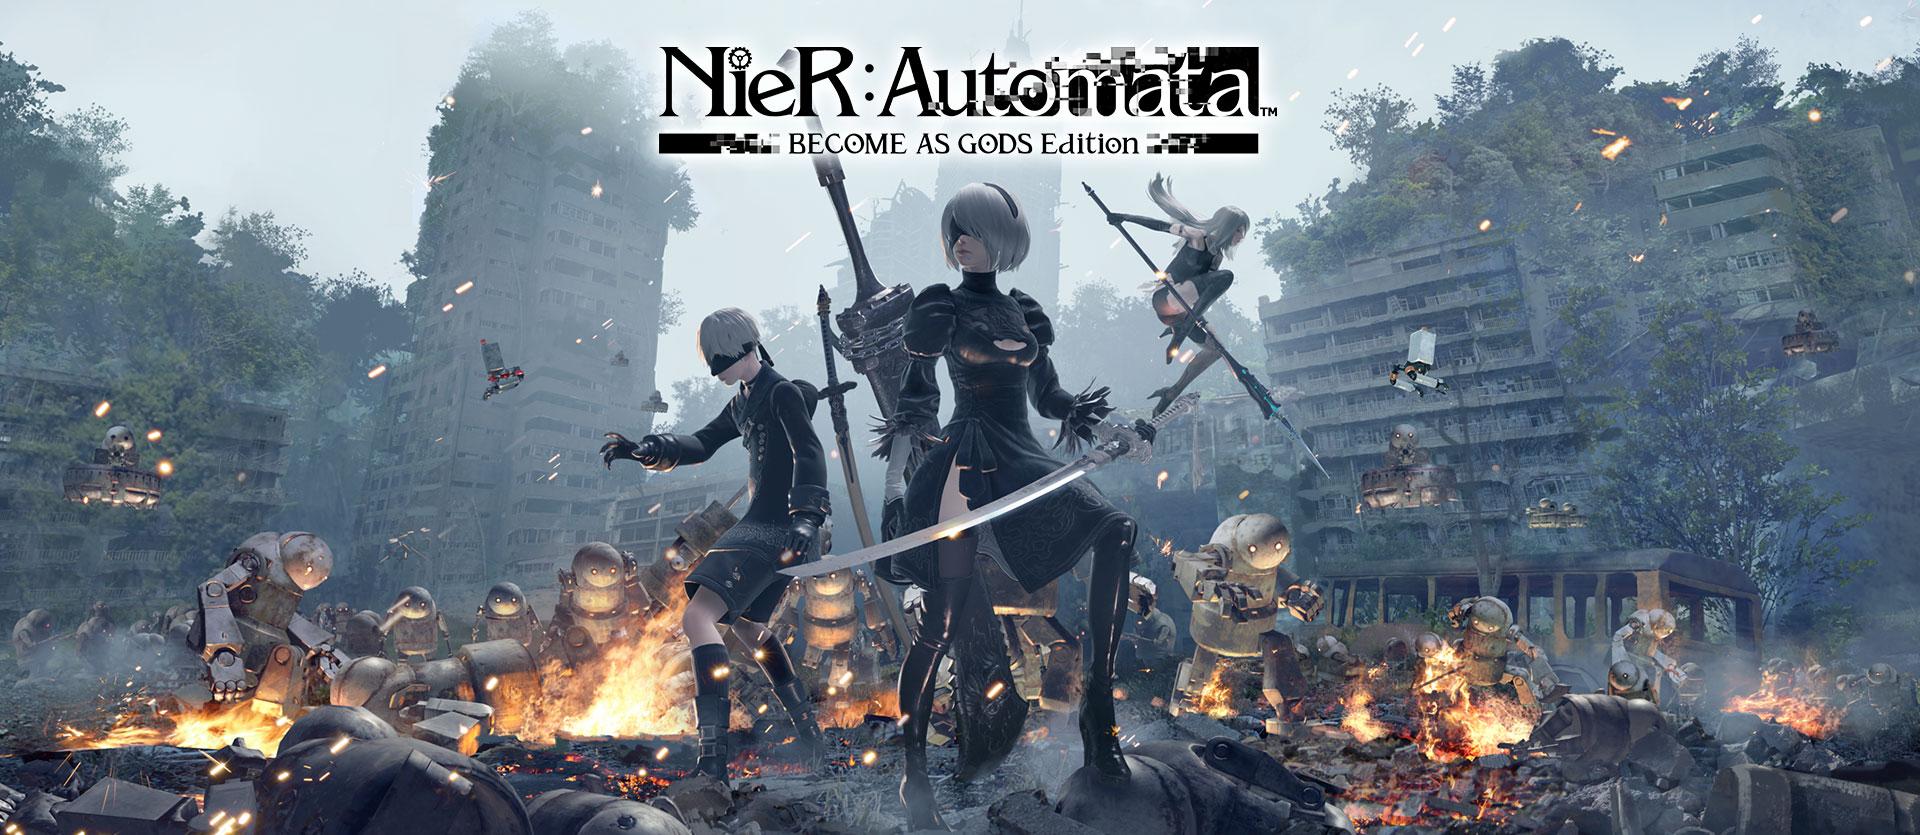 Rilasciato NieR:Automata BECOME AS GODS su Xbox One!